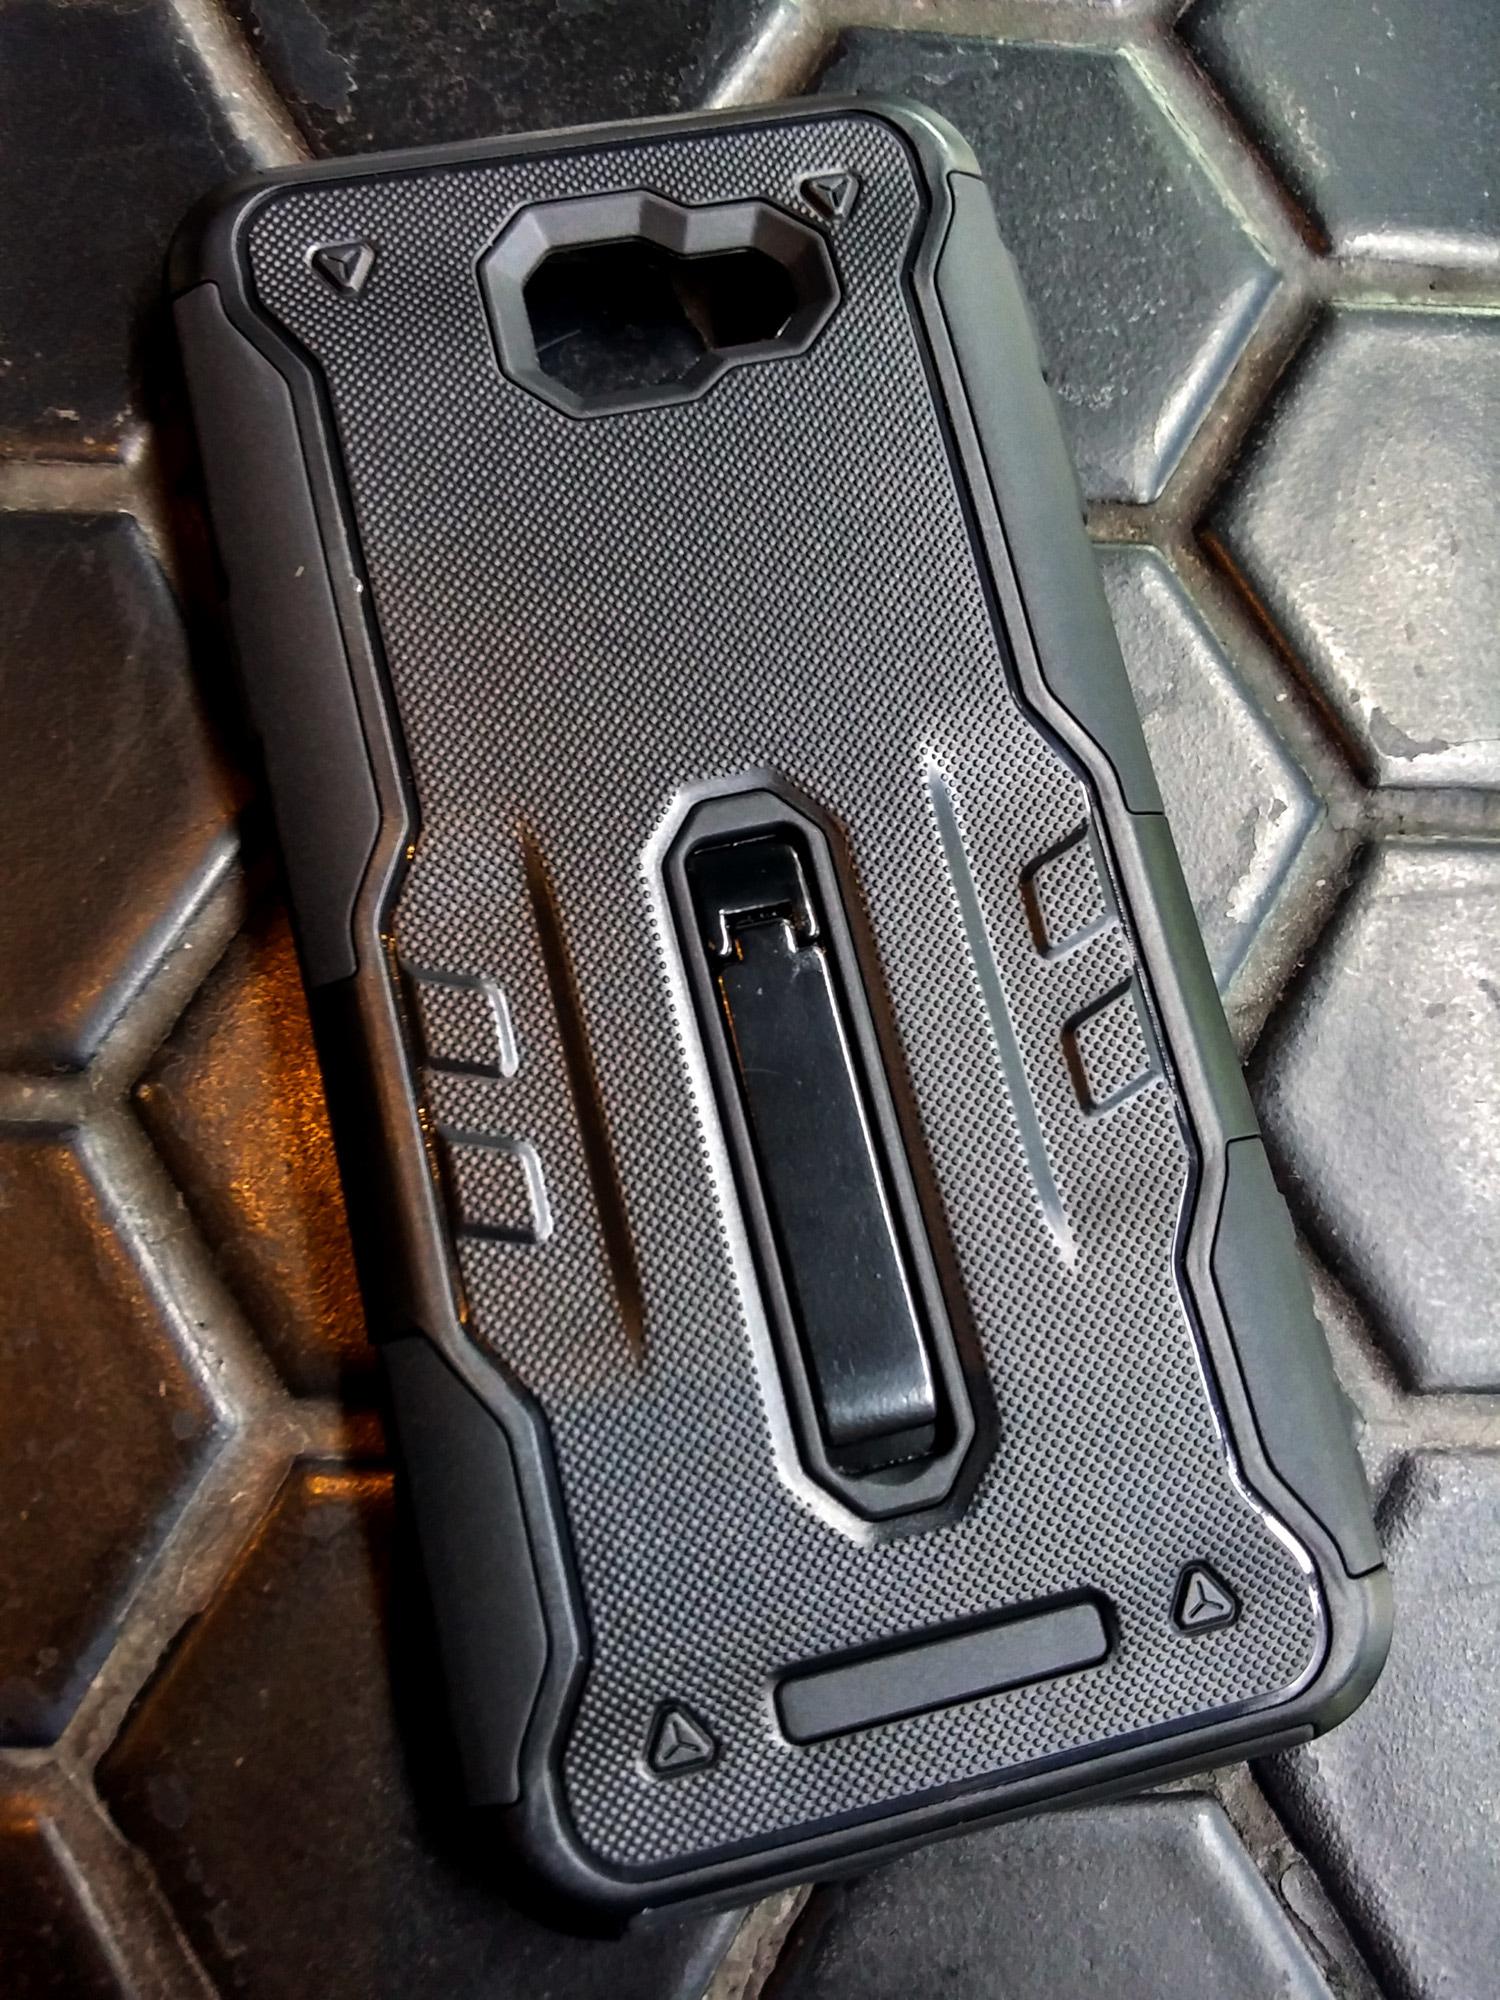 Samsung J7 Prime DMG Protective Armor Case Shockproof Soft n Hard